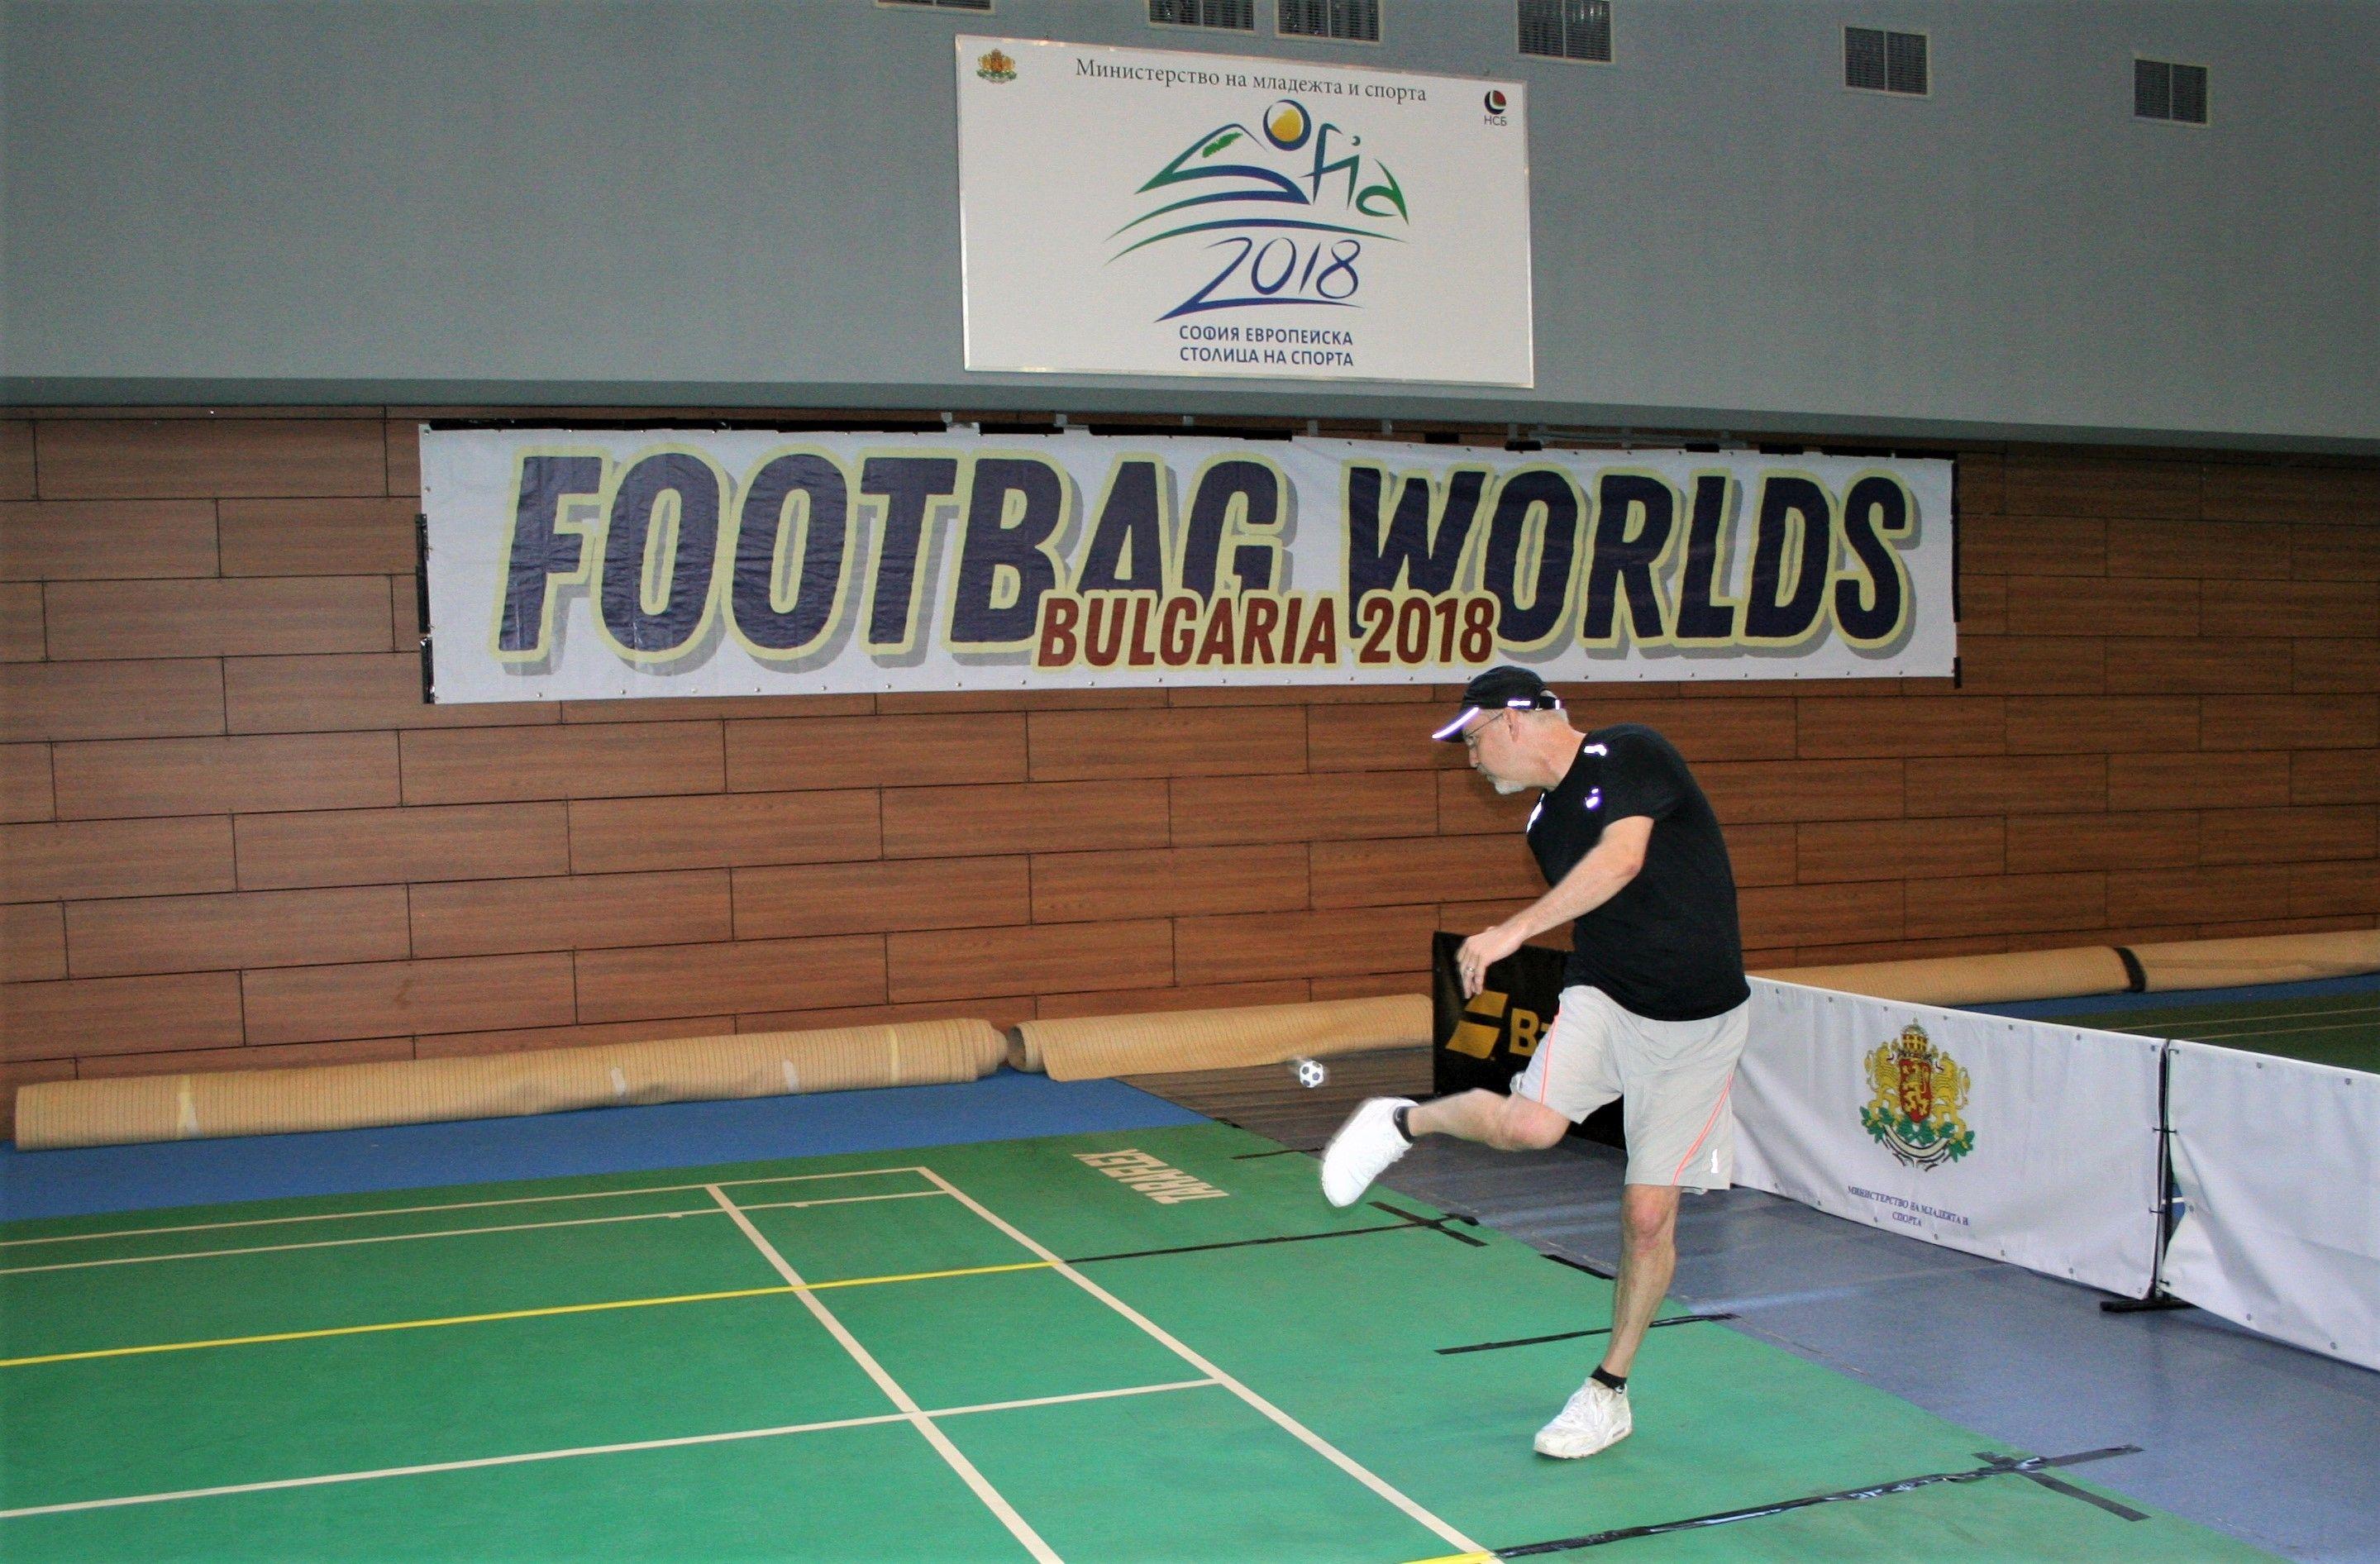 Иван Станев се класира за 1/8-финалите на световното първенство по